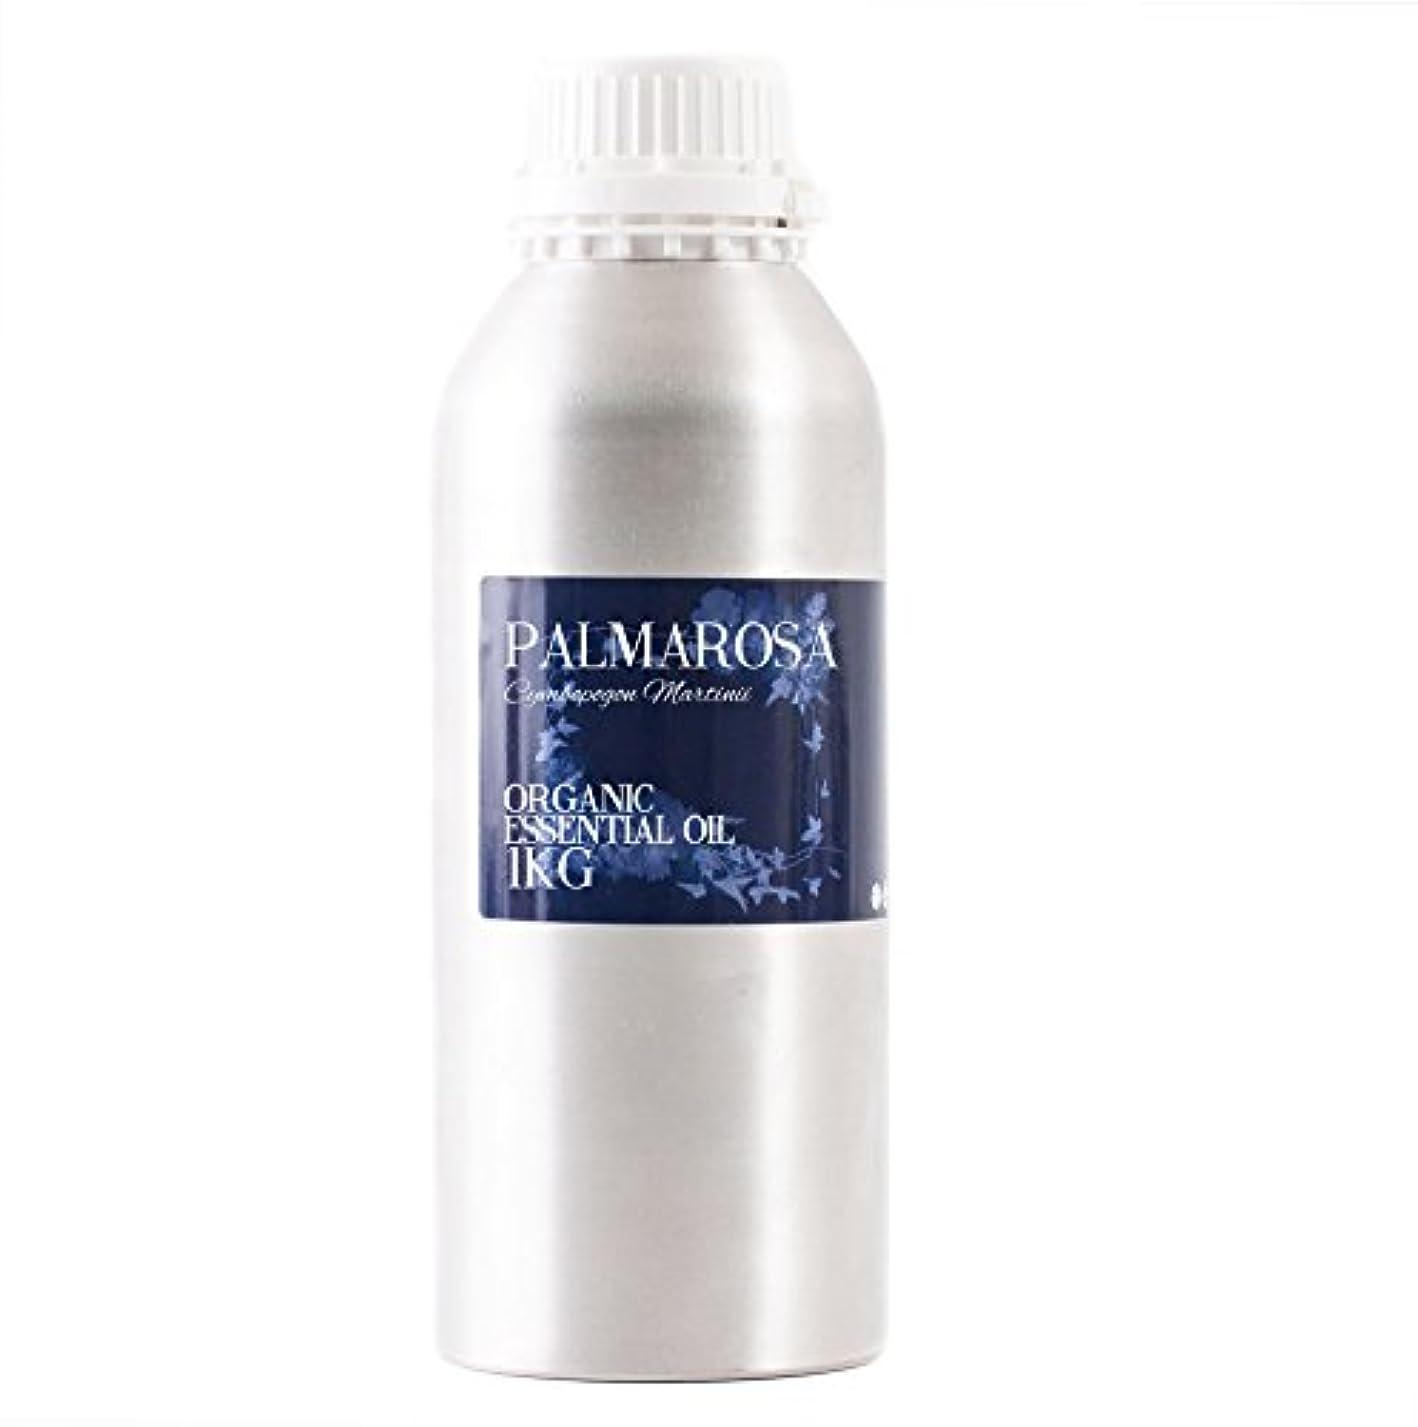 ハドル無駄にメロドラマティックMystic Moments | Palmarosa Organic Essential Oil - 1Kg - 100% Pure